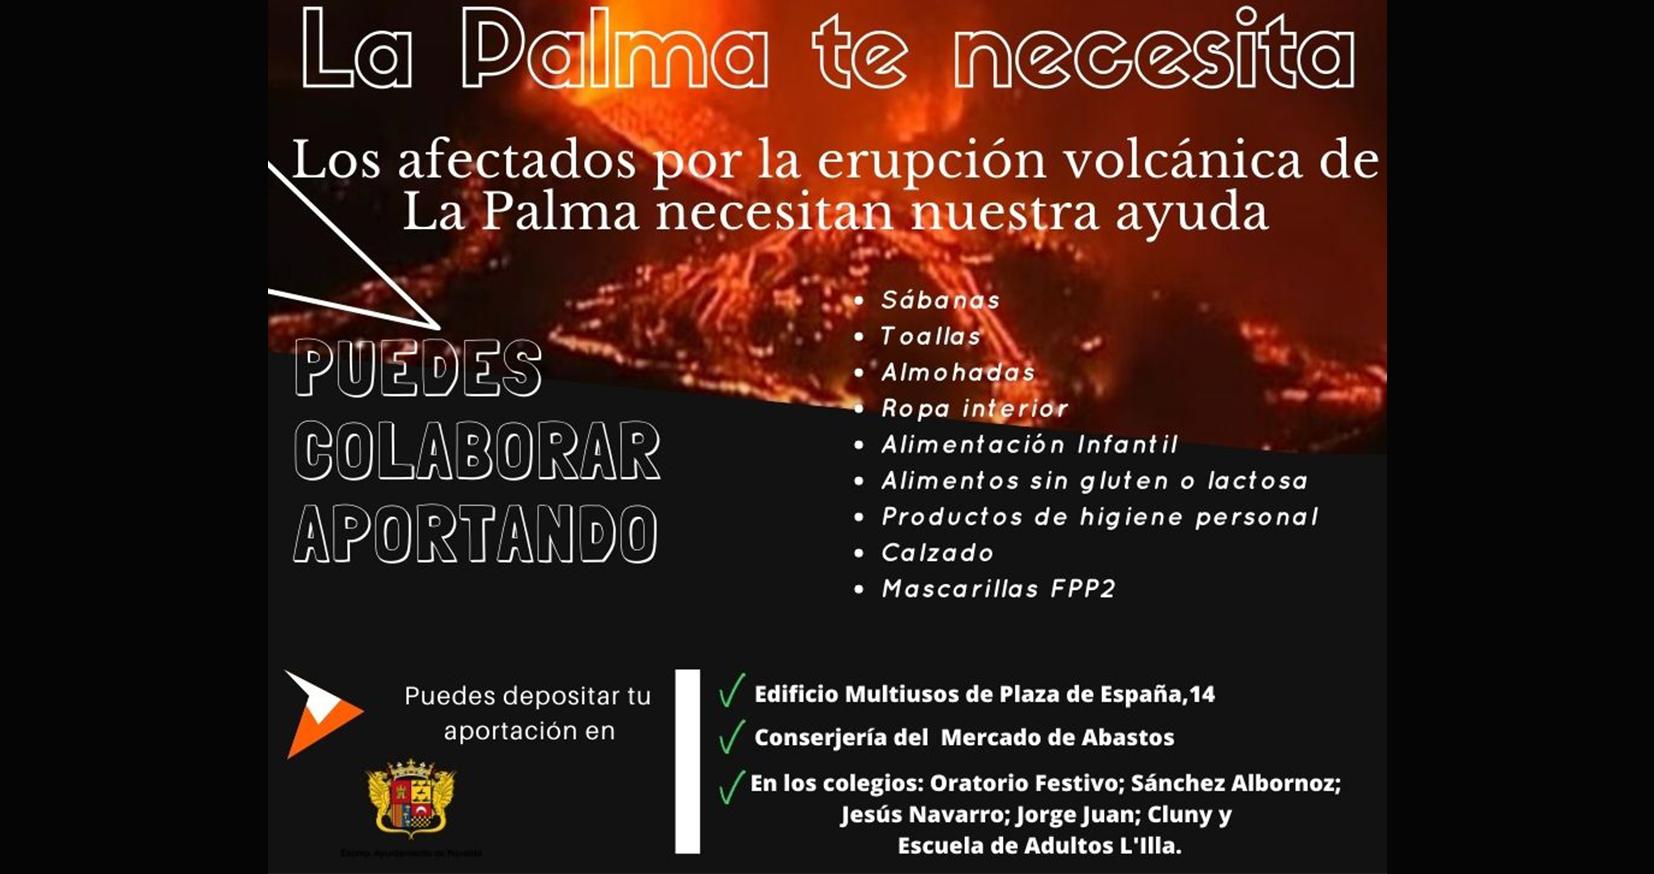 Colabora para ayudar a los afectados de la erupción de La Palma